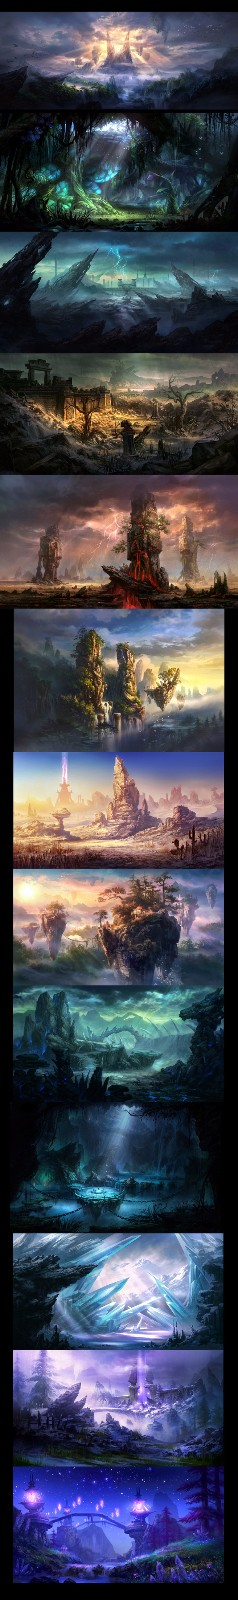 高端游戏素材设计 灵感